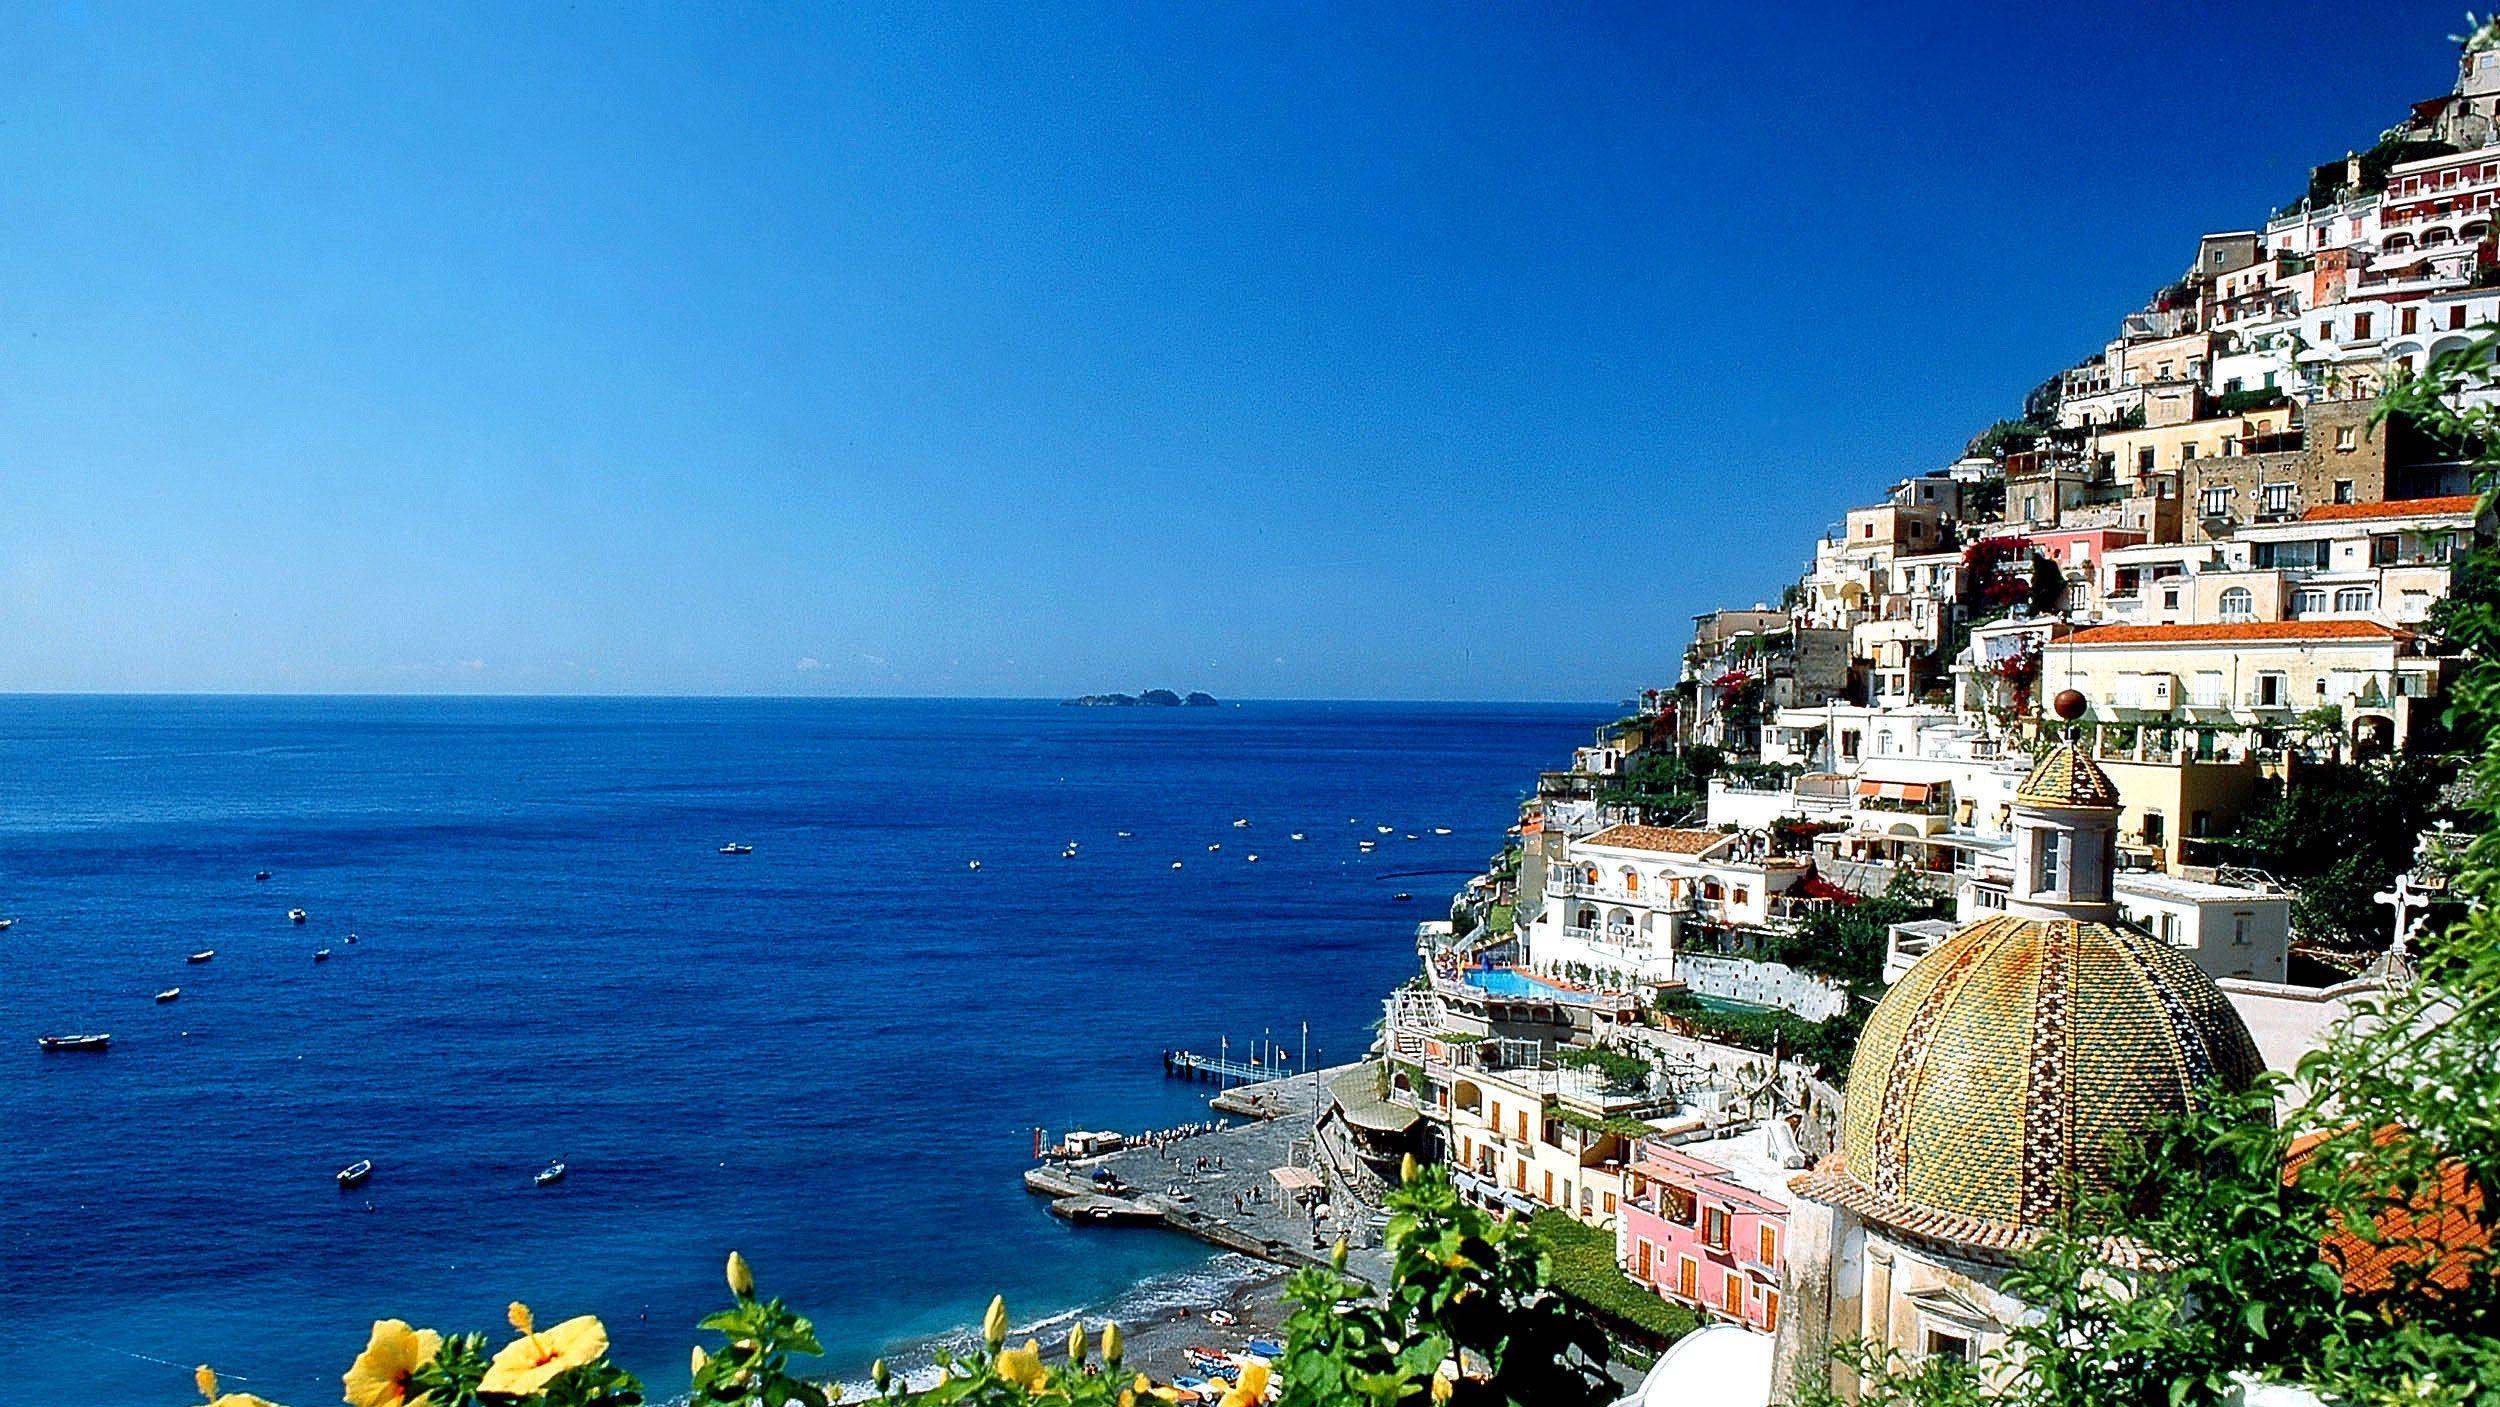 Visita privata delle spiagge di Sorrento, Pompei e della costiera amalfitan...